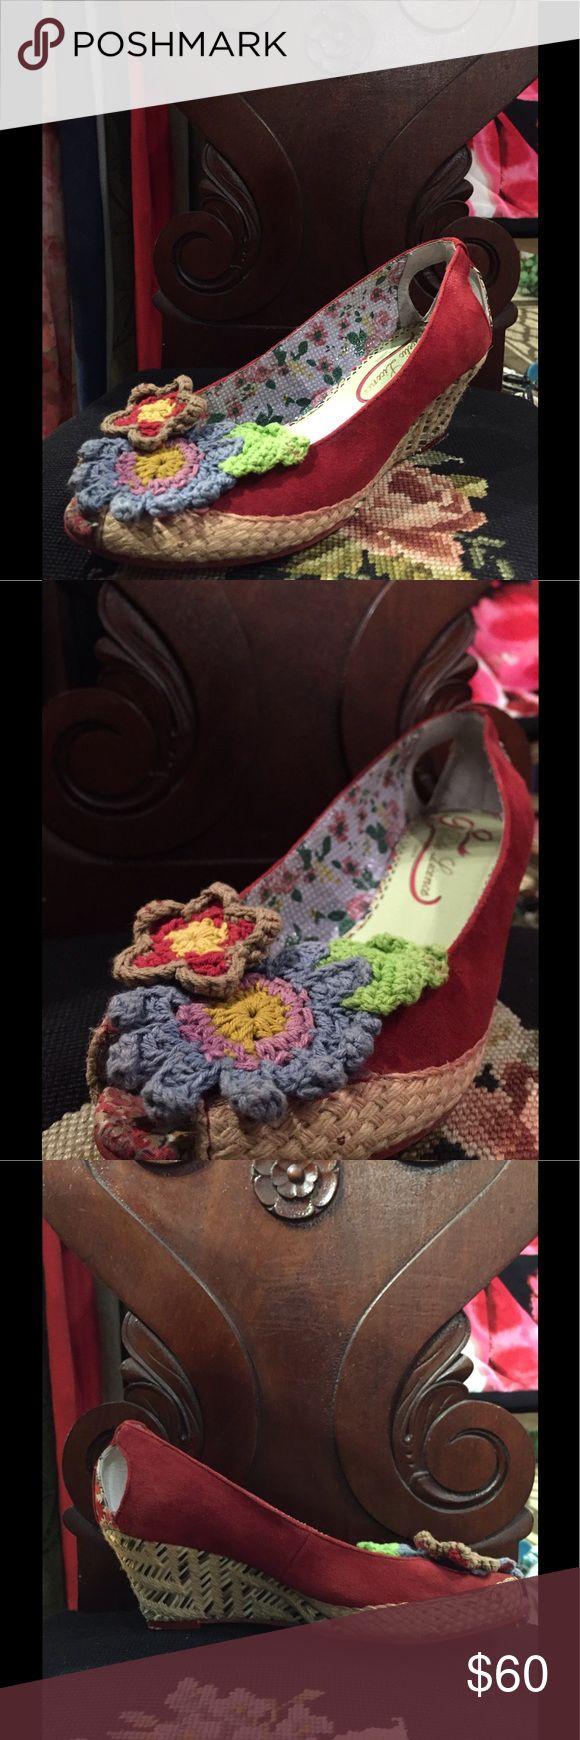 Poetic License Ladies Heels Slightly worn, Poetic Licence London Ladies Footwear, call of the wild pattern Poetic License Shoes Sandals